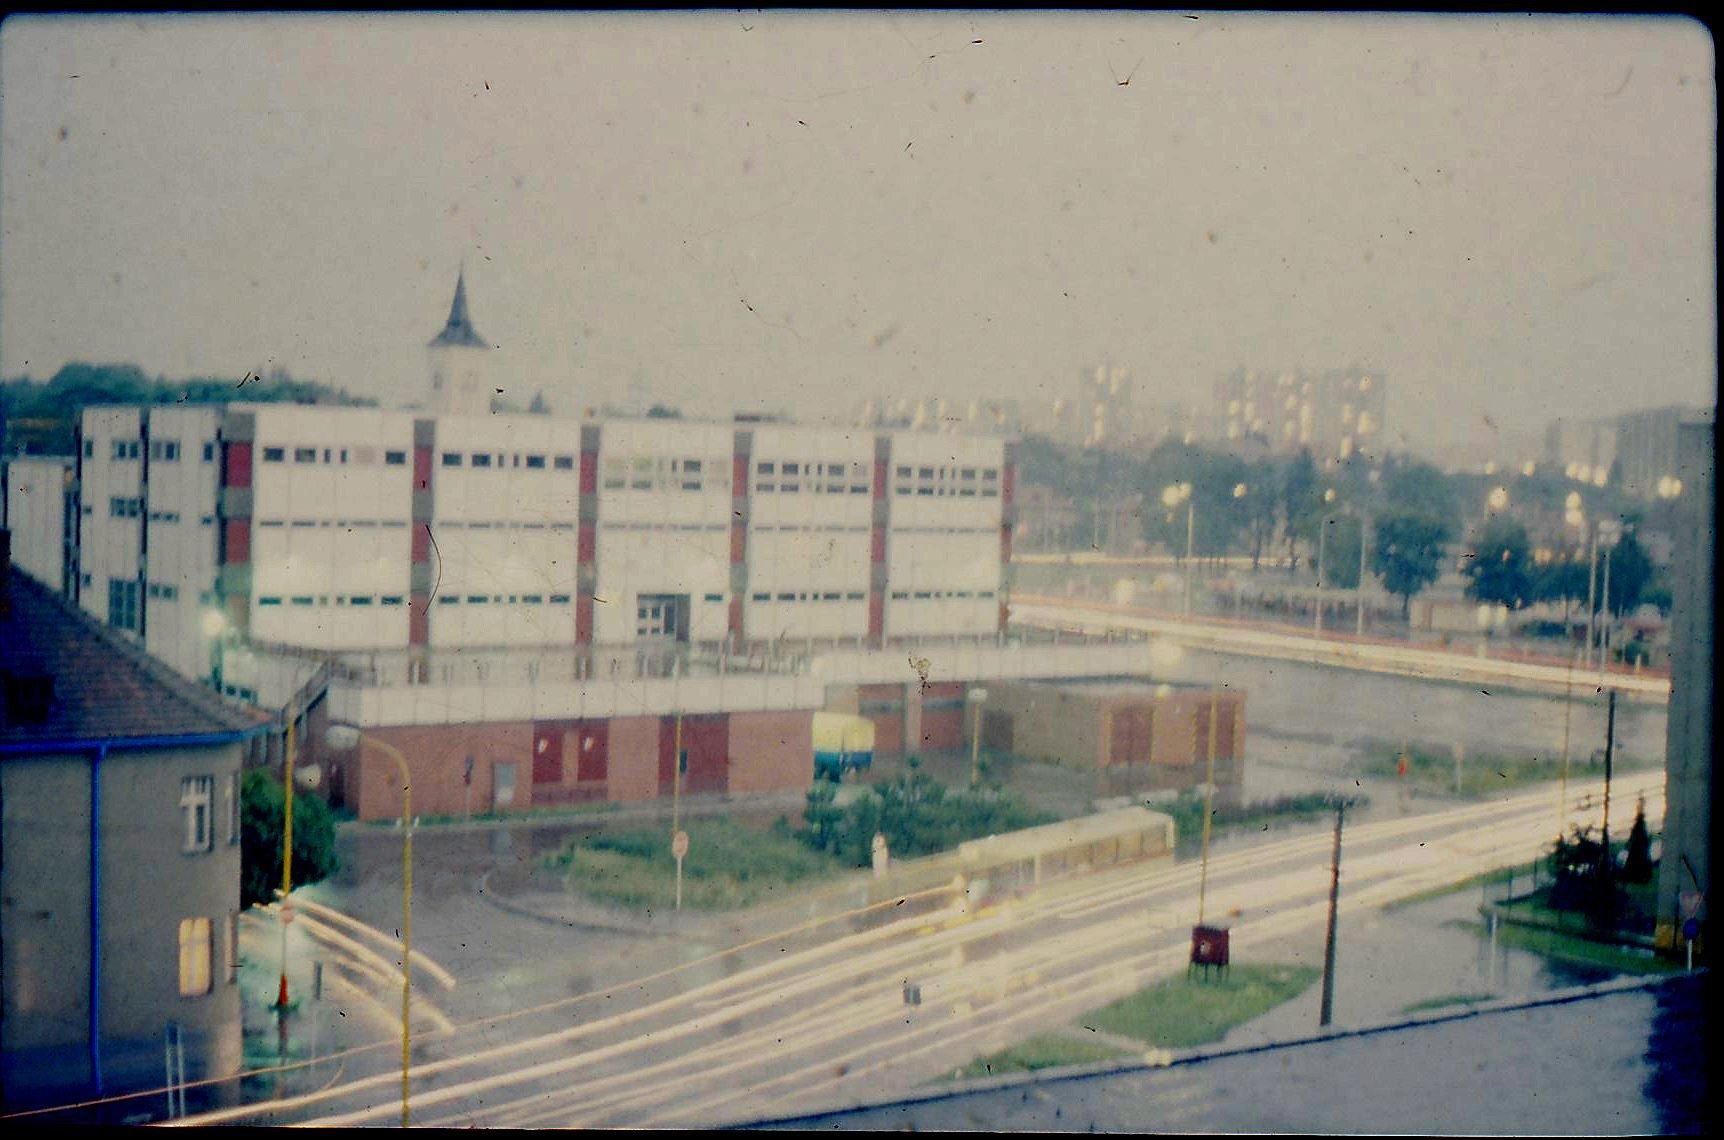 1982 - Prior